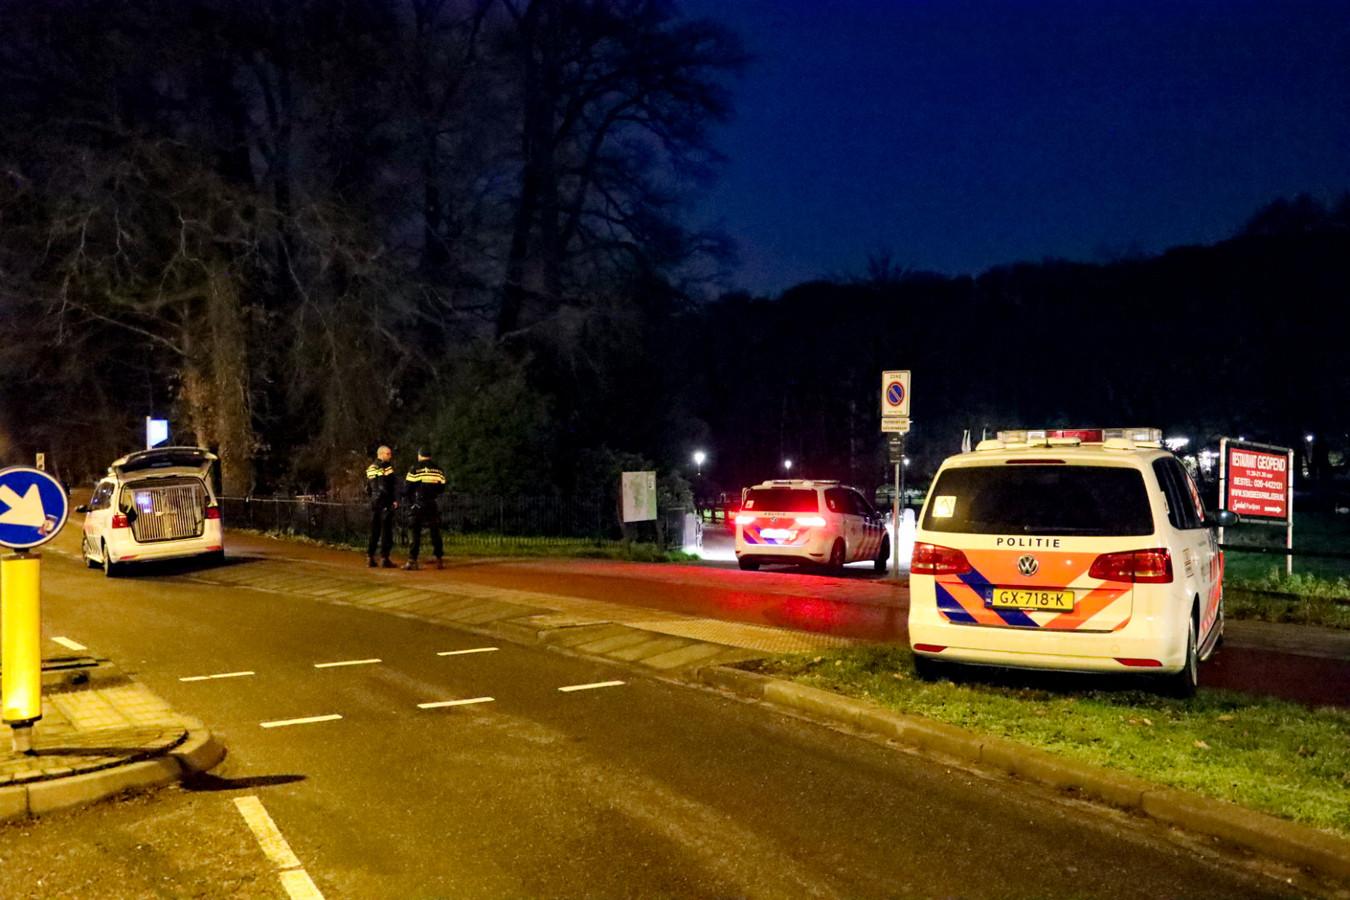 Een politie actie in Arnhem. Agenten zoeken een dader van een beroving in park Sonsbeek. Foto is ter illustratie.